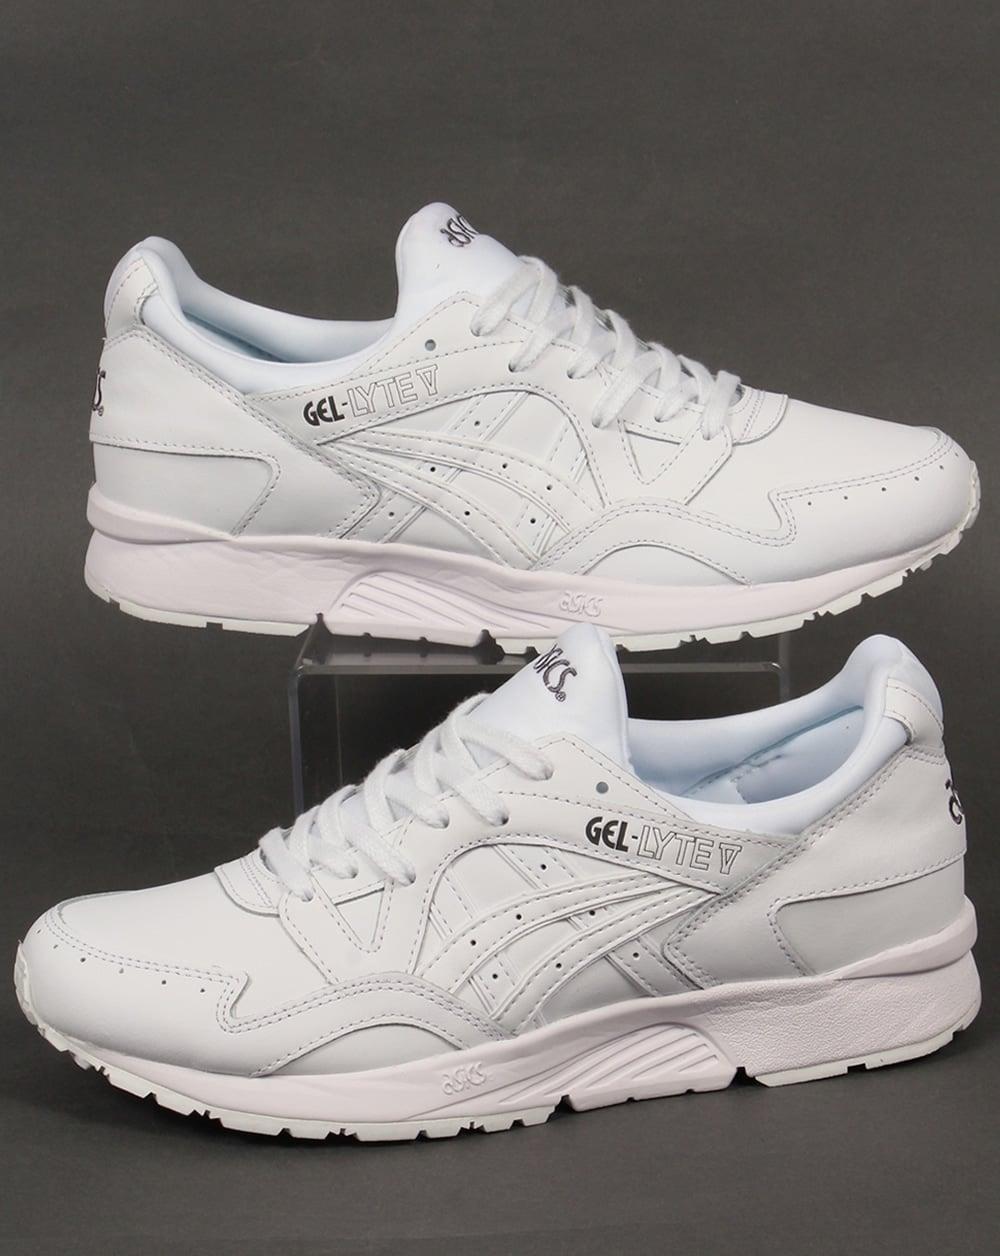 9cb0fd1130c7 Asics Asics Gel Lyte V Leather Trainers White